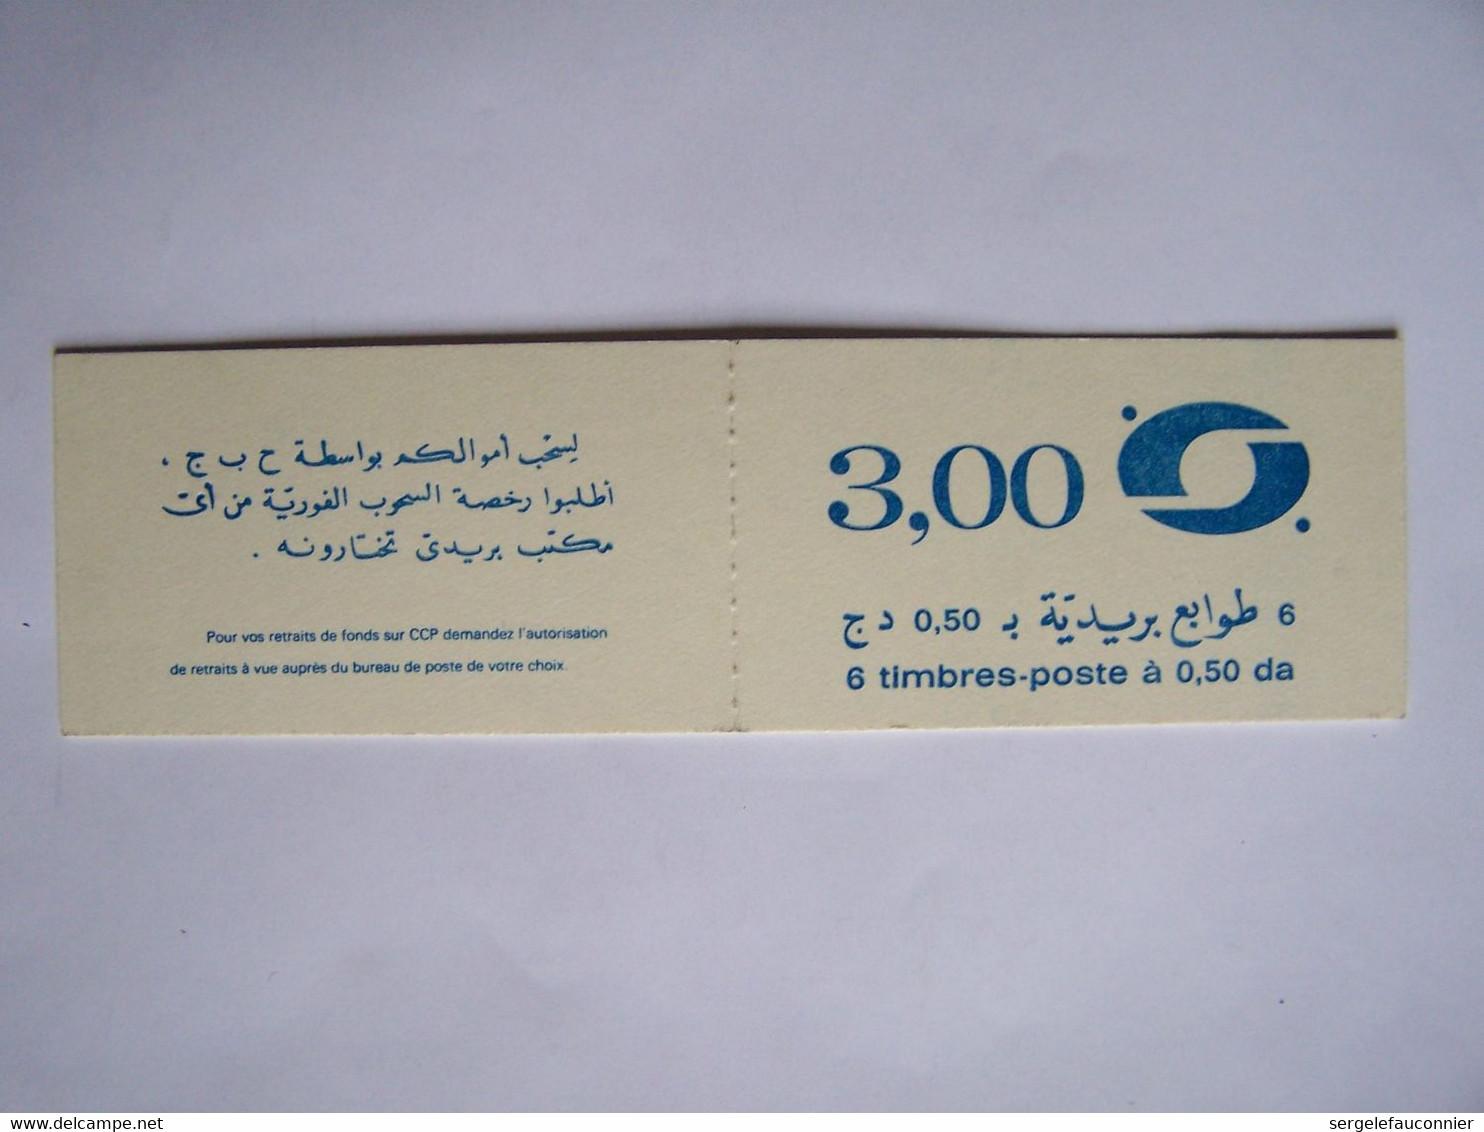 ALGERIE 1975 CARNET DE 6 TIMBRES CELEBRATION DU 8 MAI 1945 - Argelia (1962-...)